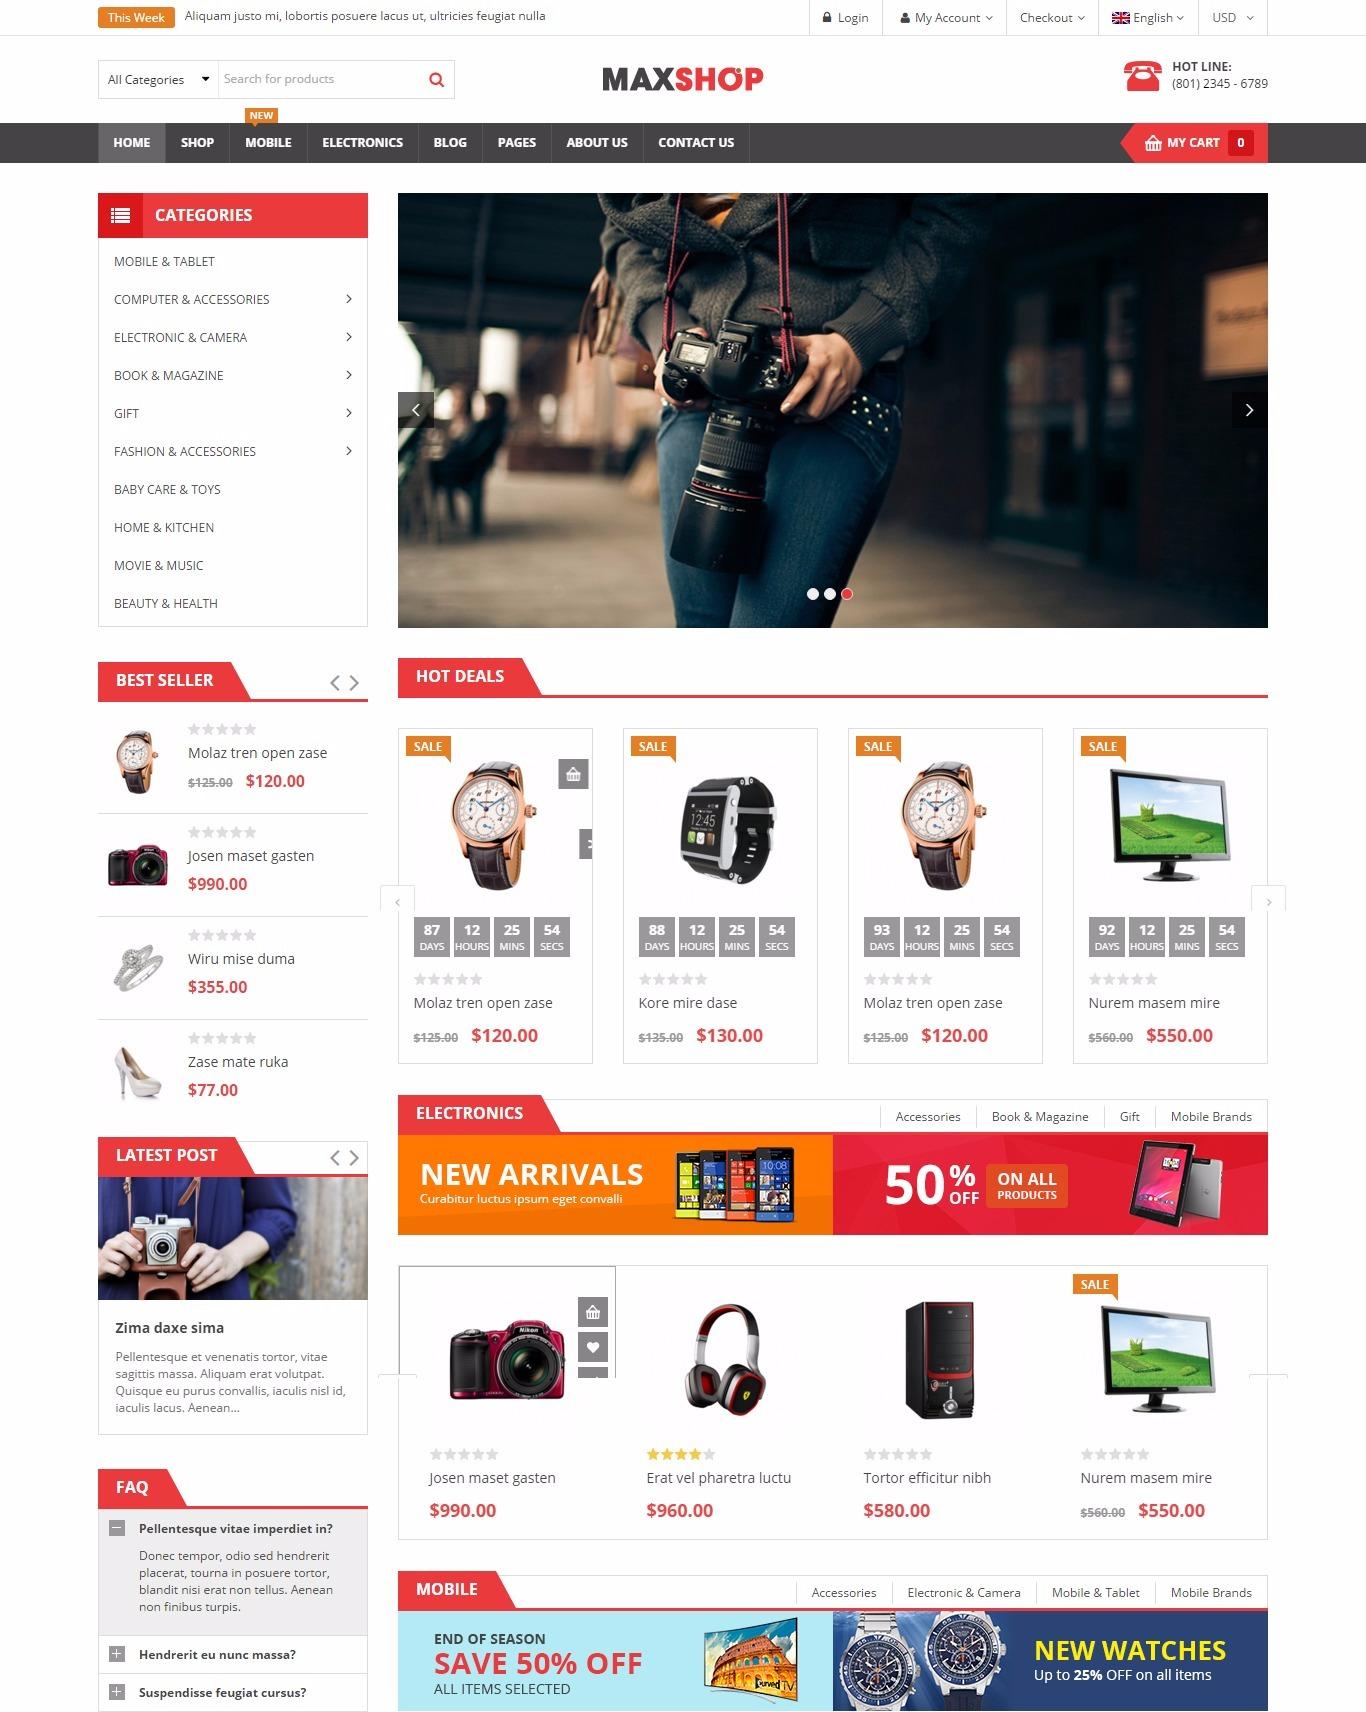 Mẫu giao diện website doanh nghiệp - bán hàng công nghệ